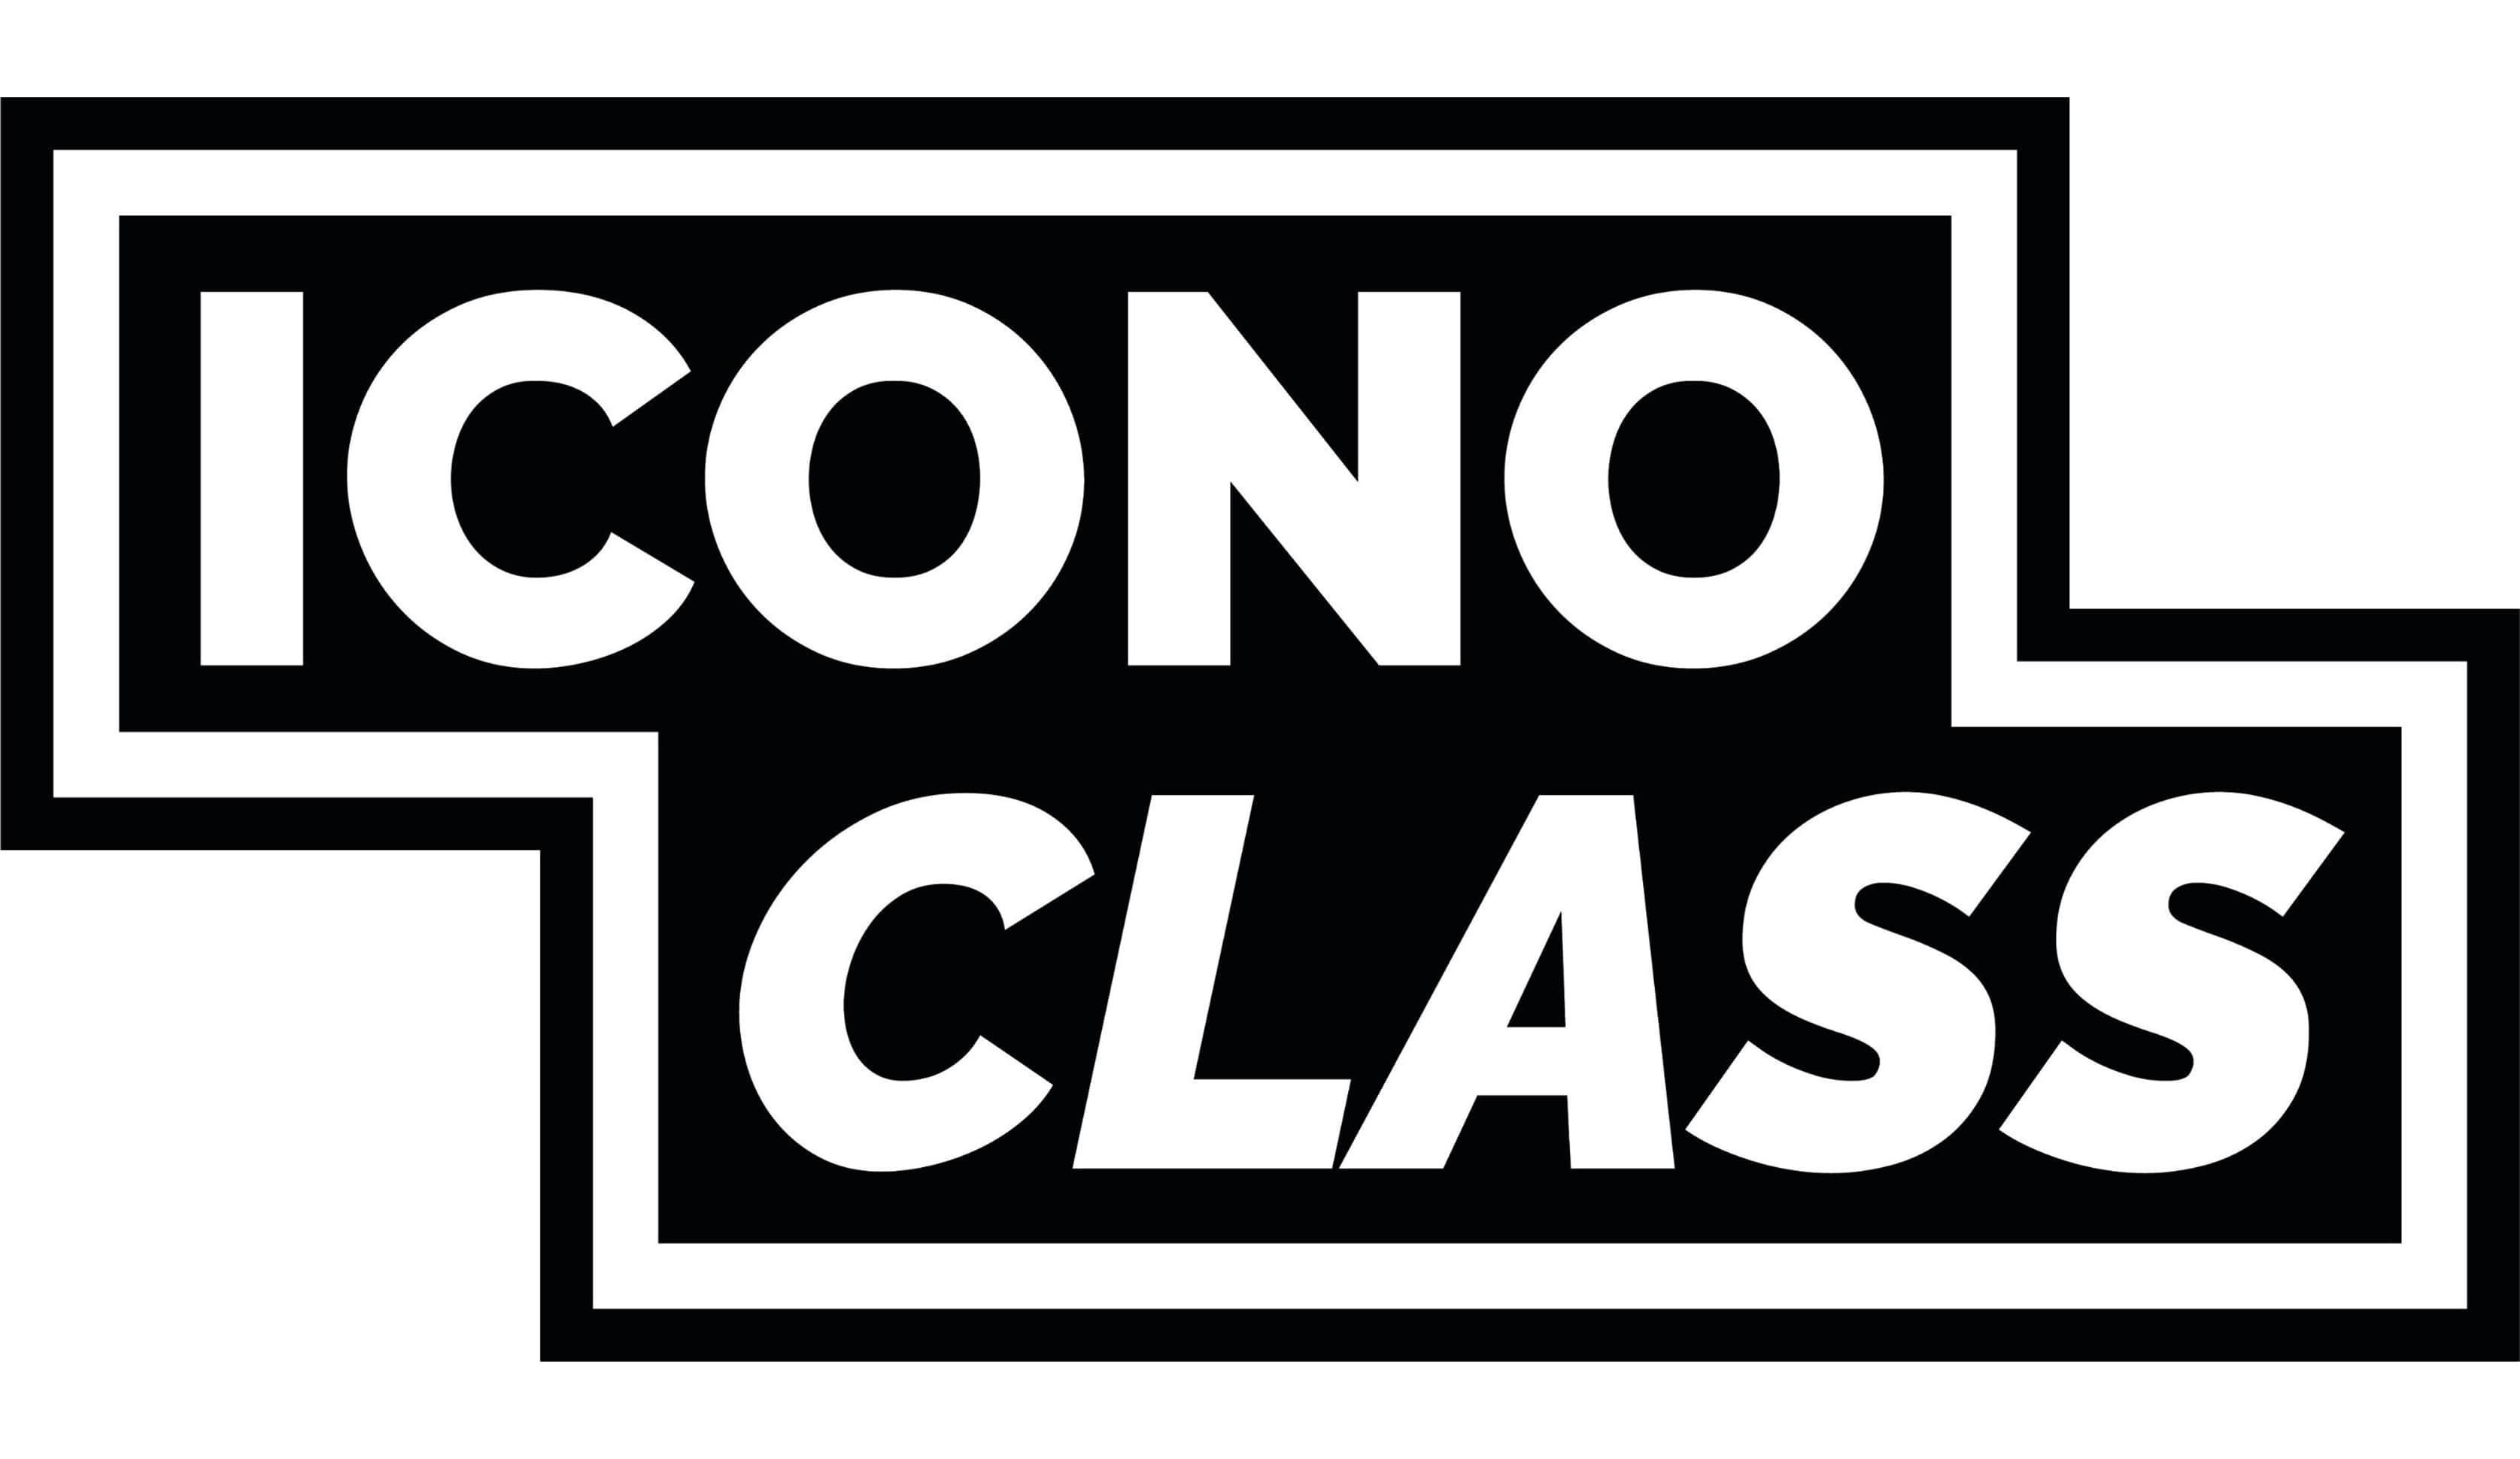 Logo de la marque IconoClass